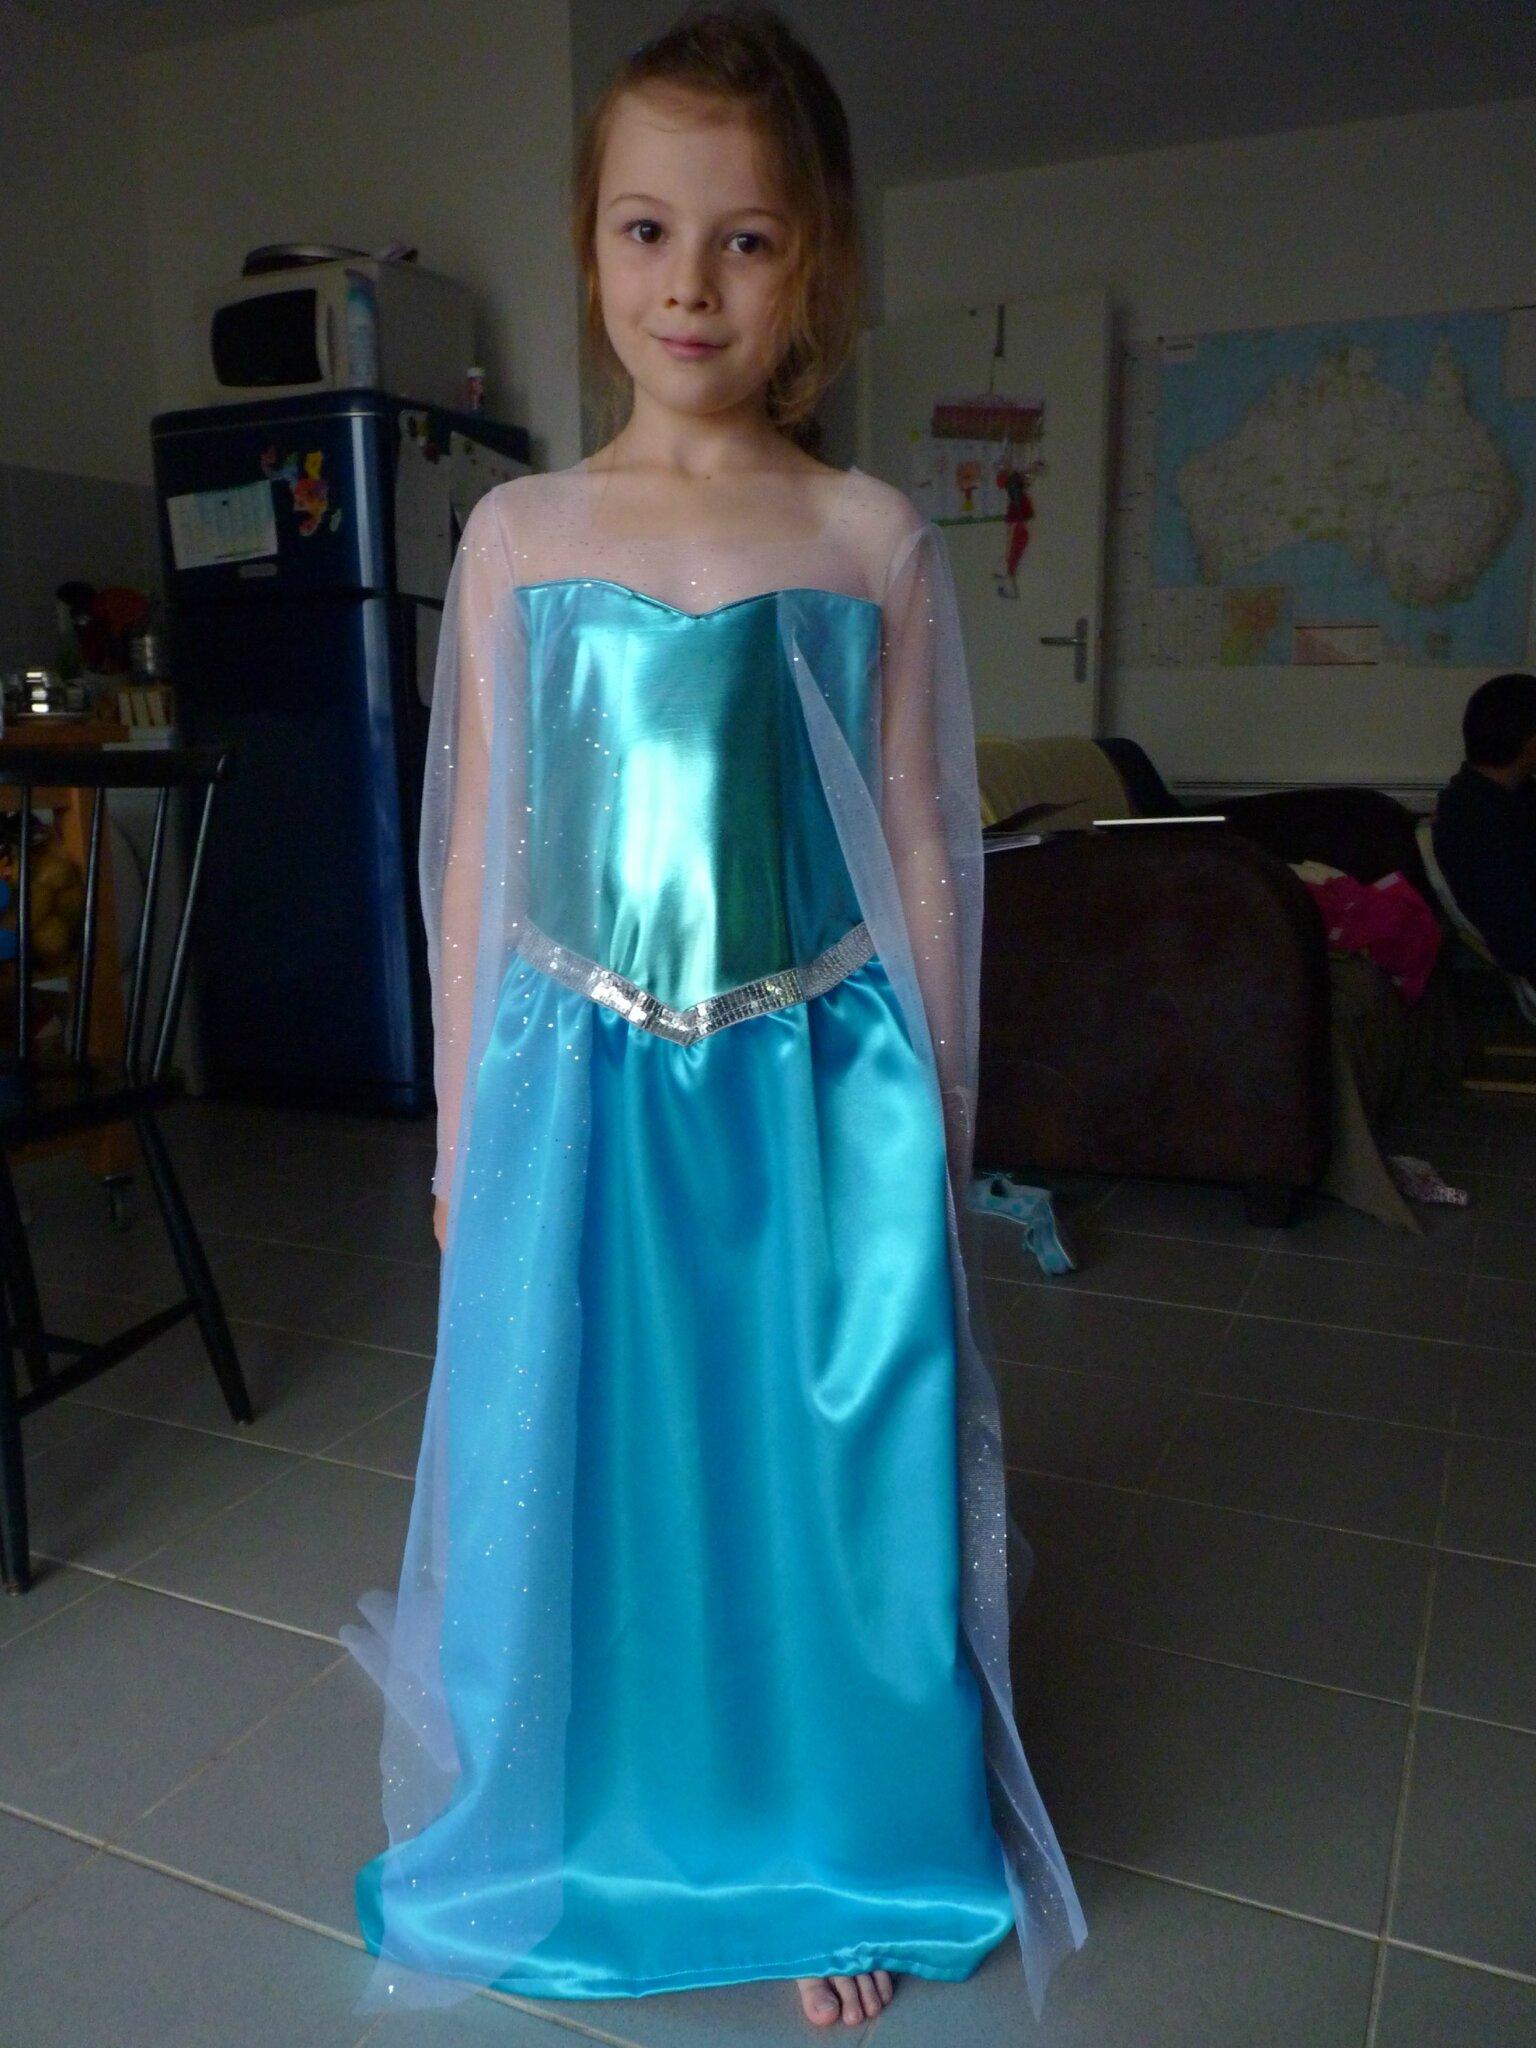 Une robe parfaite pour la saison 2 fil le s en aiguilles - Robe reine de neige ...